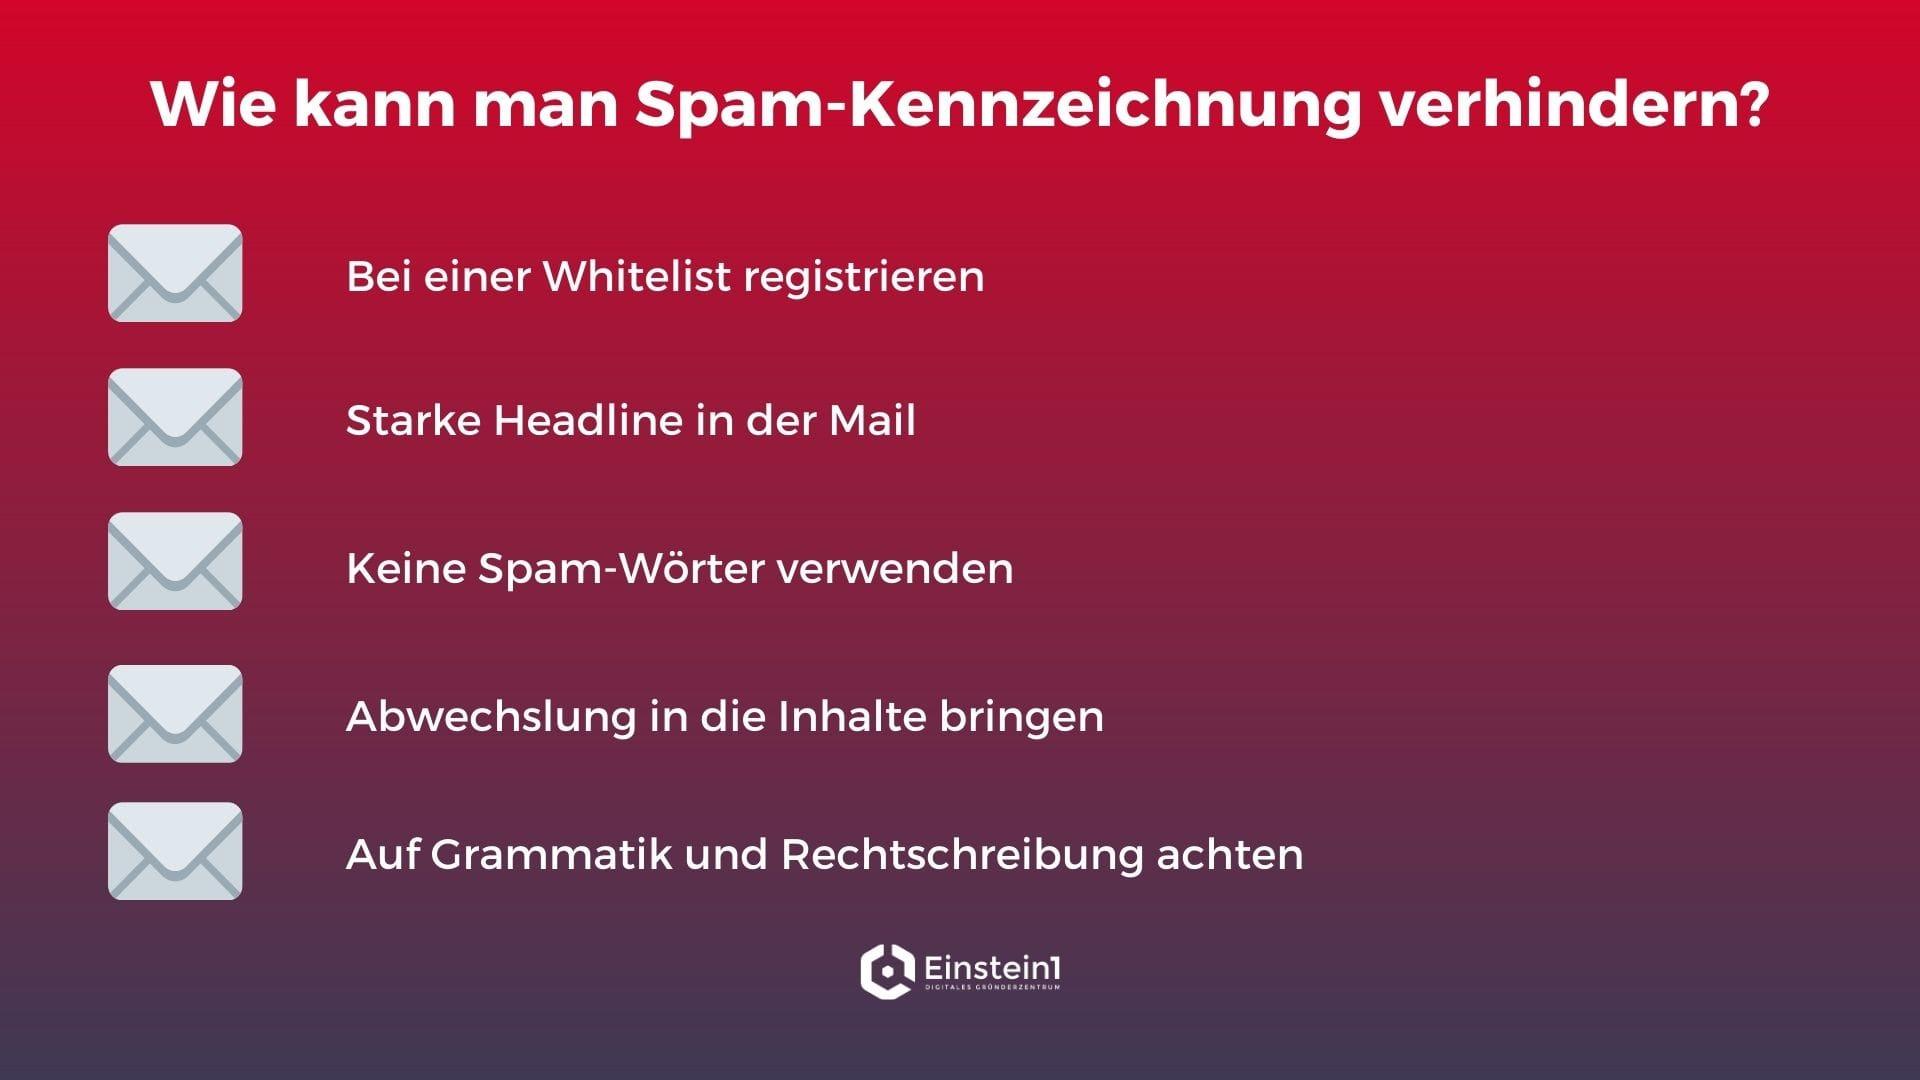 Wie-kann-man-spam-kennzeichnung-verhindern